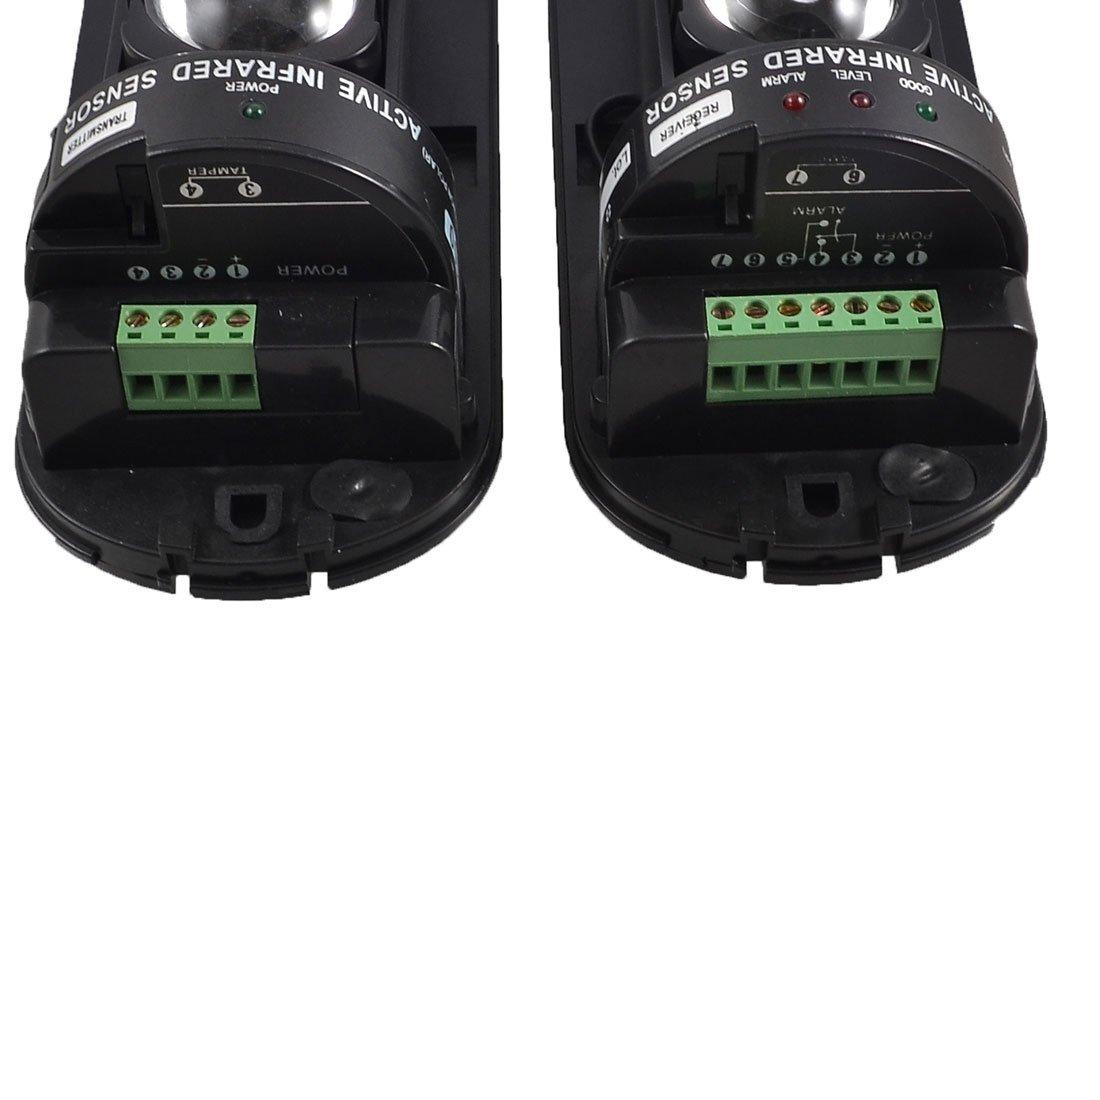 Amazon.com : uxcell Outdoor 100m indoor 300m Double Beam Security Active IR Detector Alarm ABT-100 : Doorbell Ring Detectors : Camera & Photo